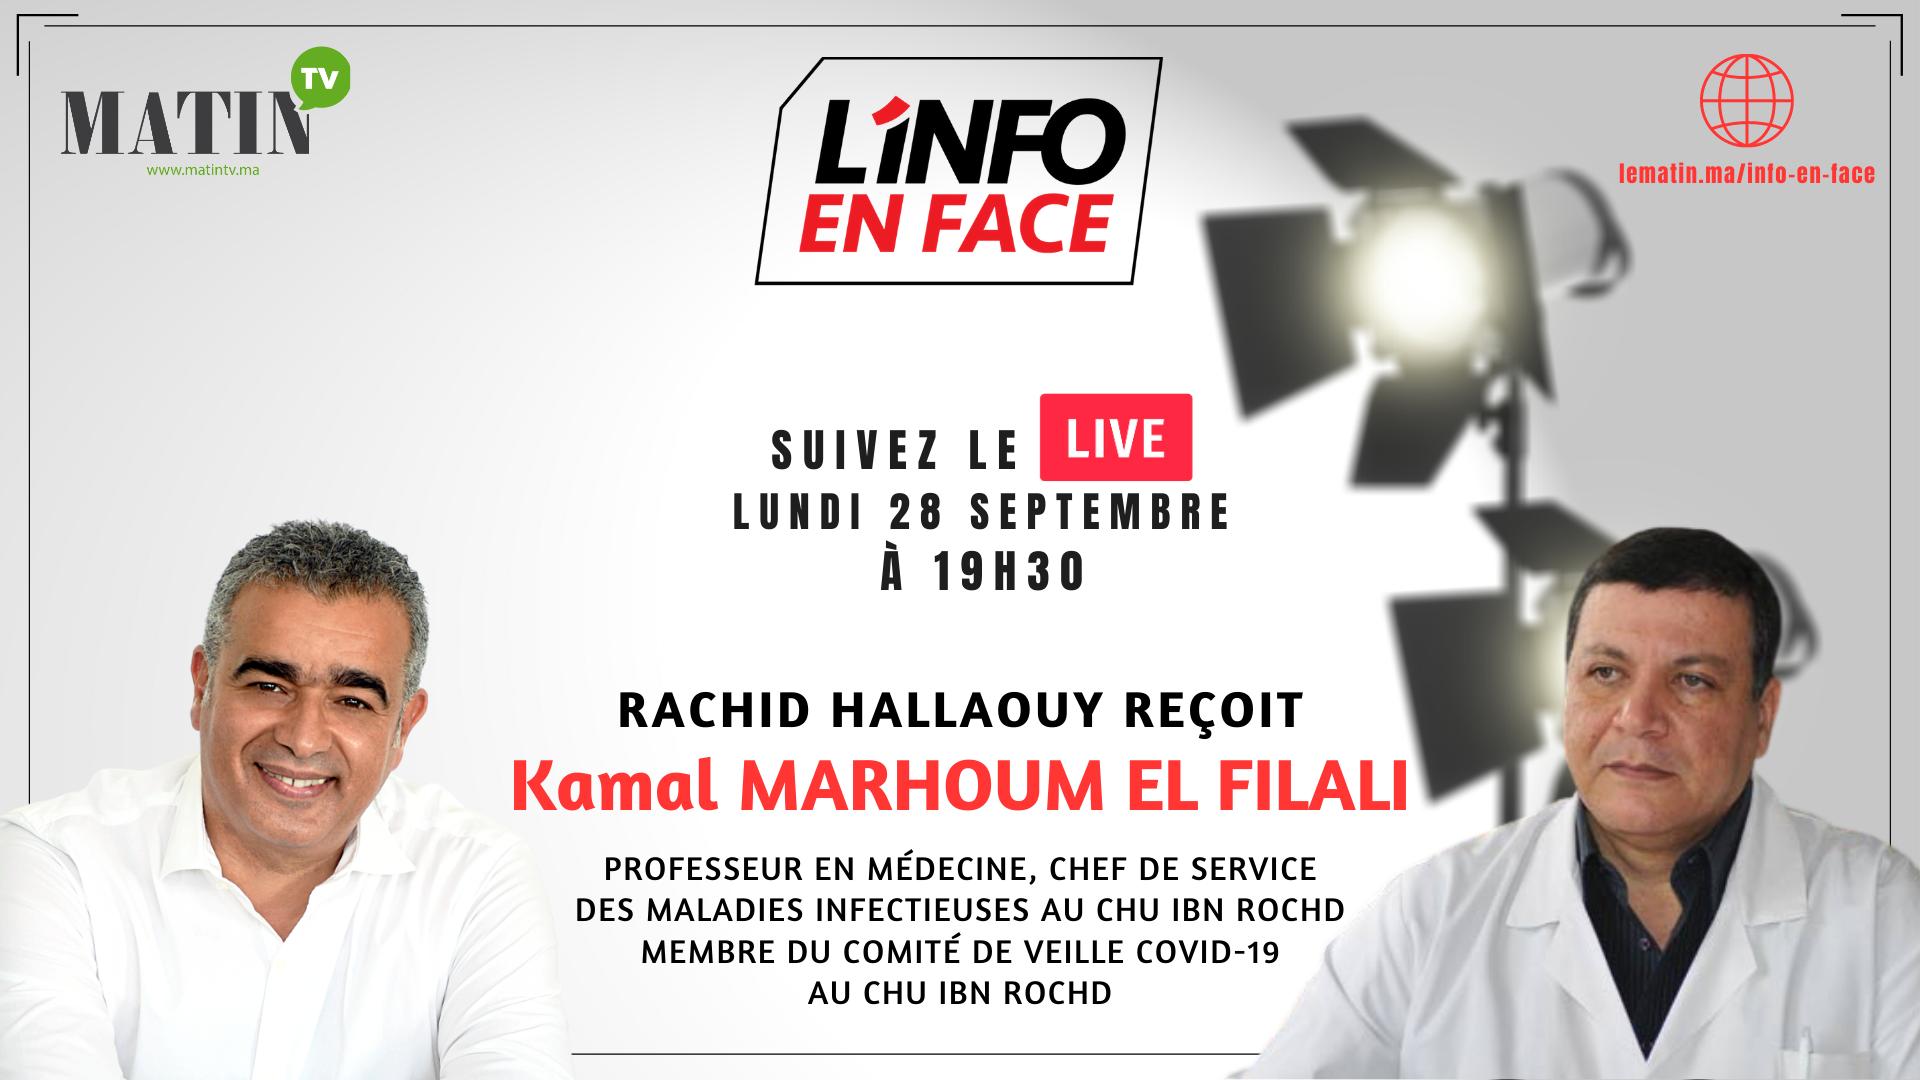 Live : L'Info en Face avec Marhoum El Filali : tout sur les essais cliniques du vaccin anti-covid